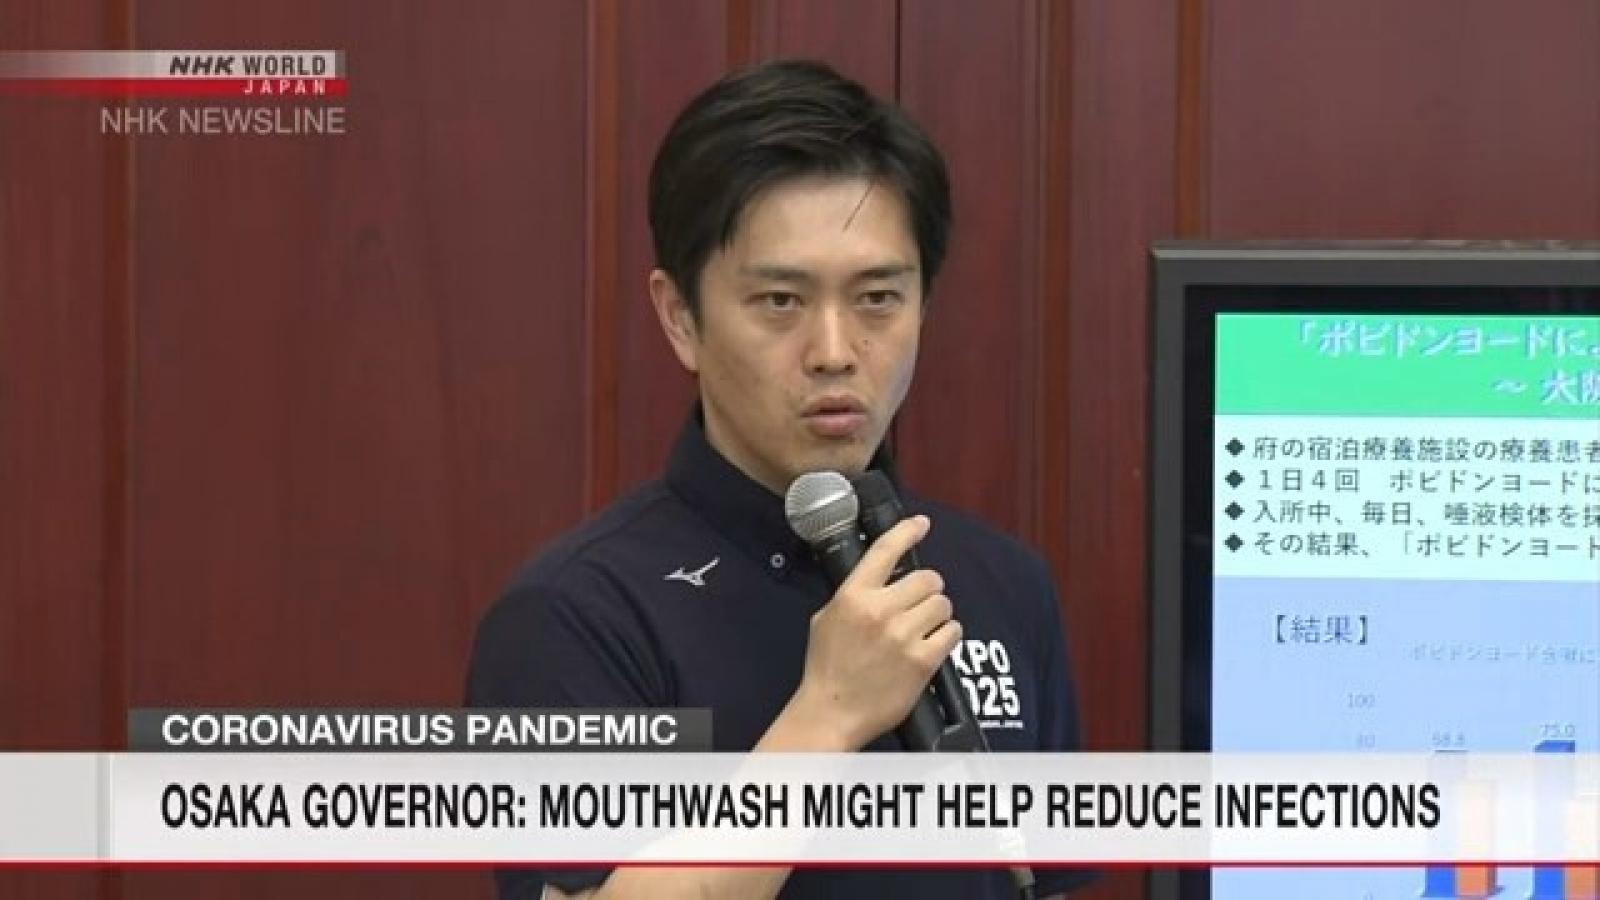 Nhật Bản thử nghiệm thuốc súc họng ngừa Covid-19